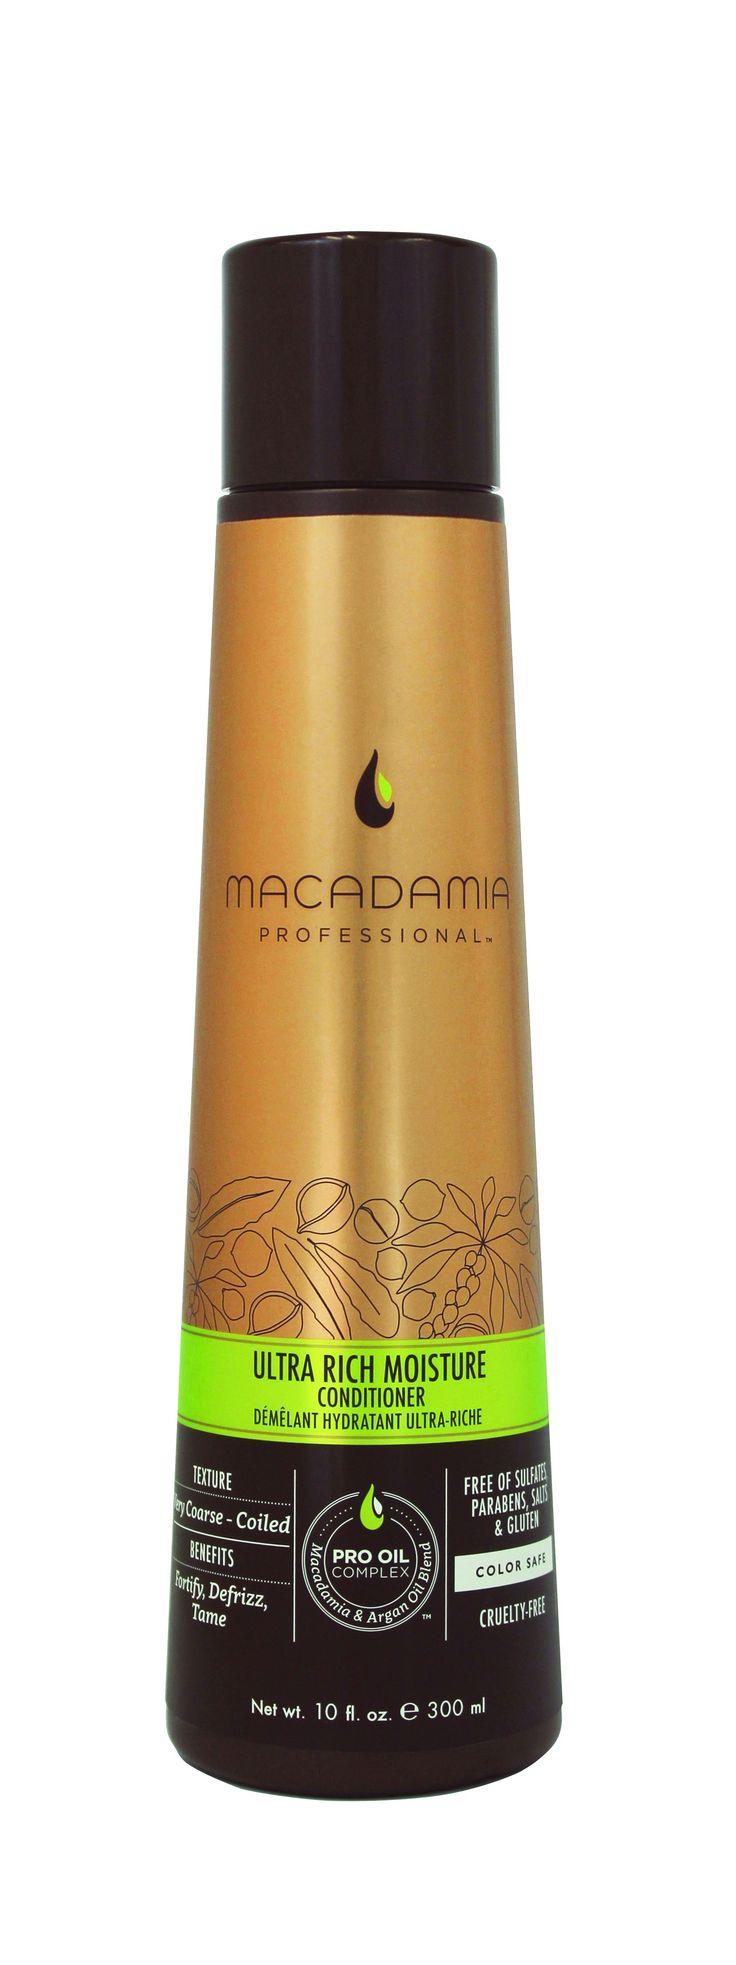 Macadamia Professional Ultra Rich Moisture Conditioner 300ml.